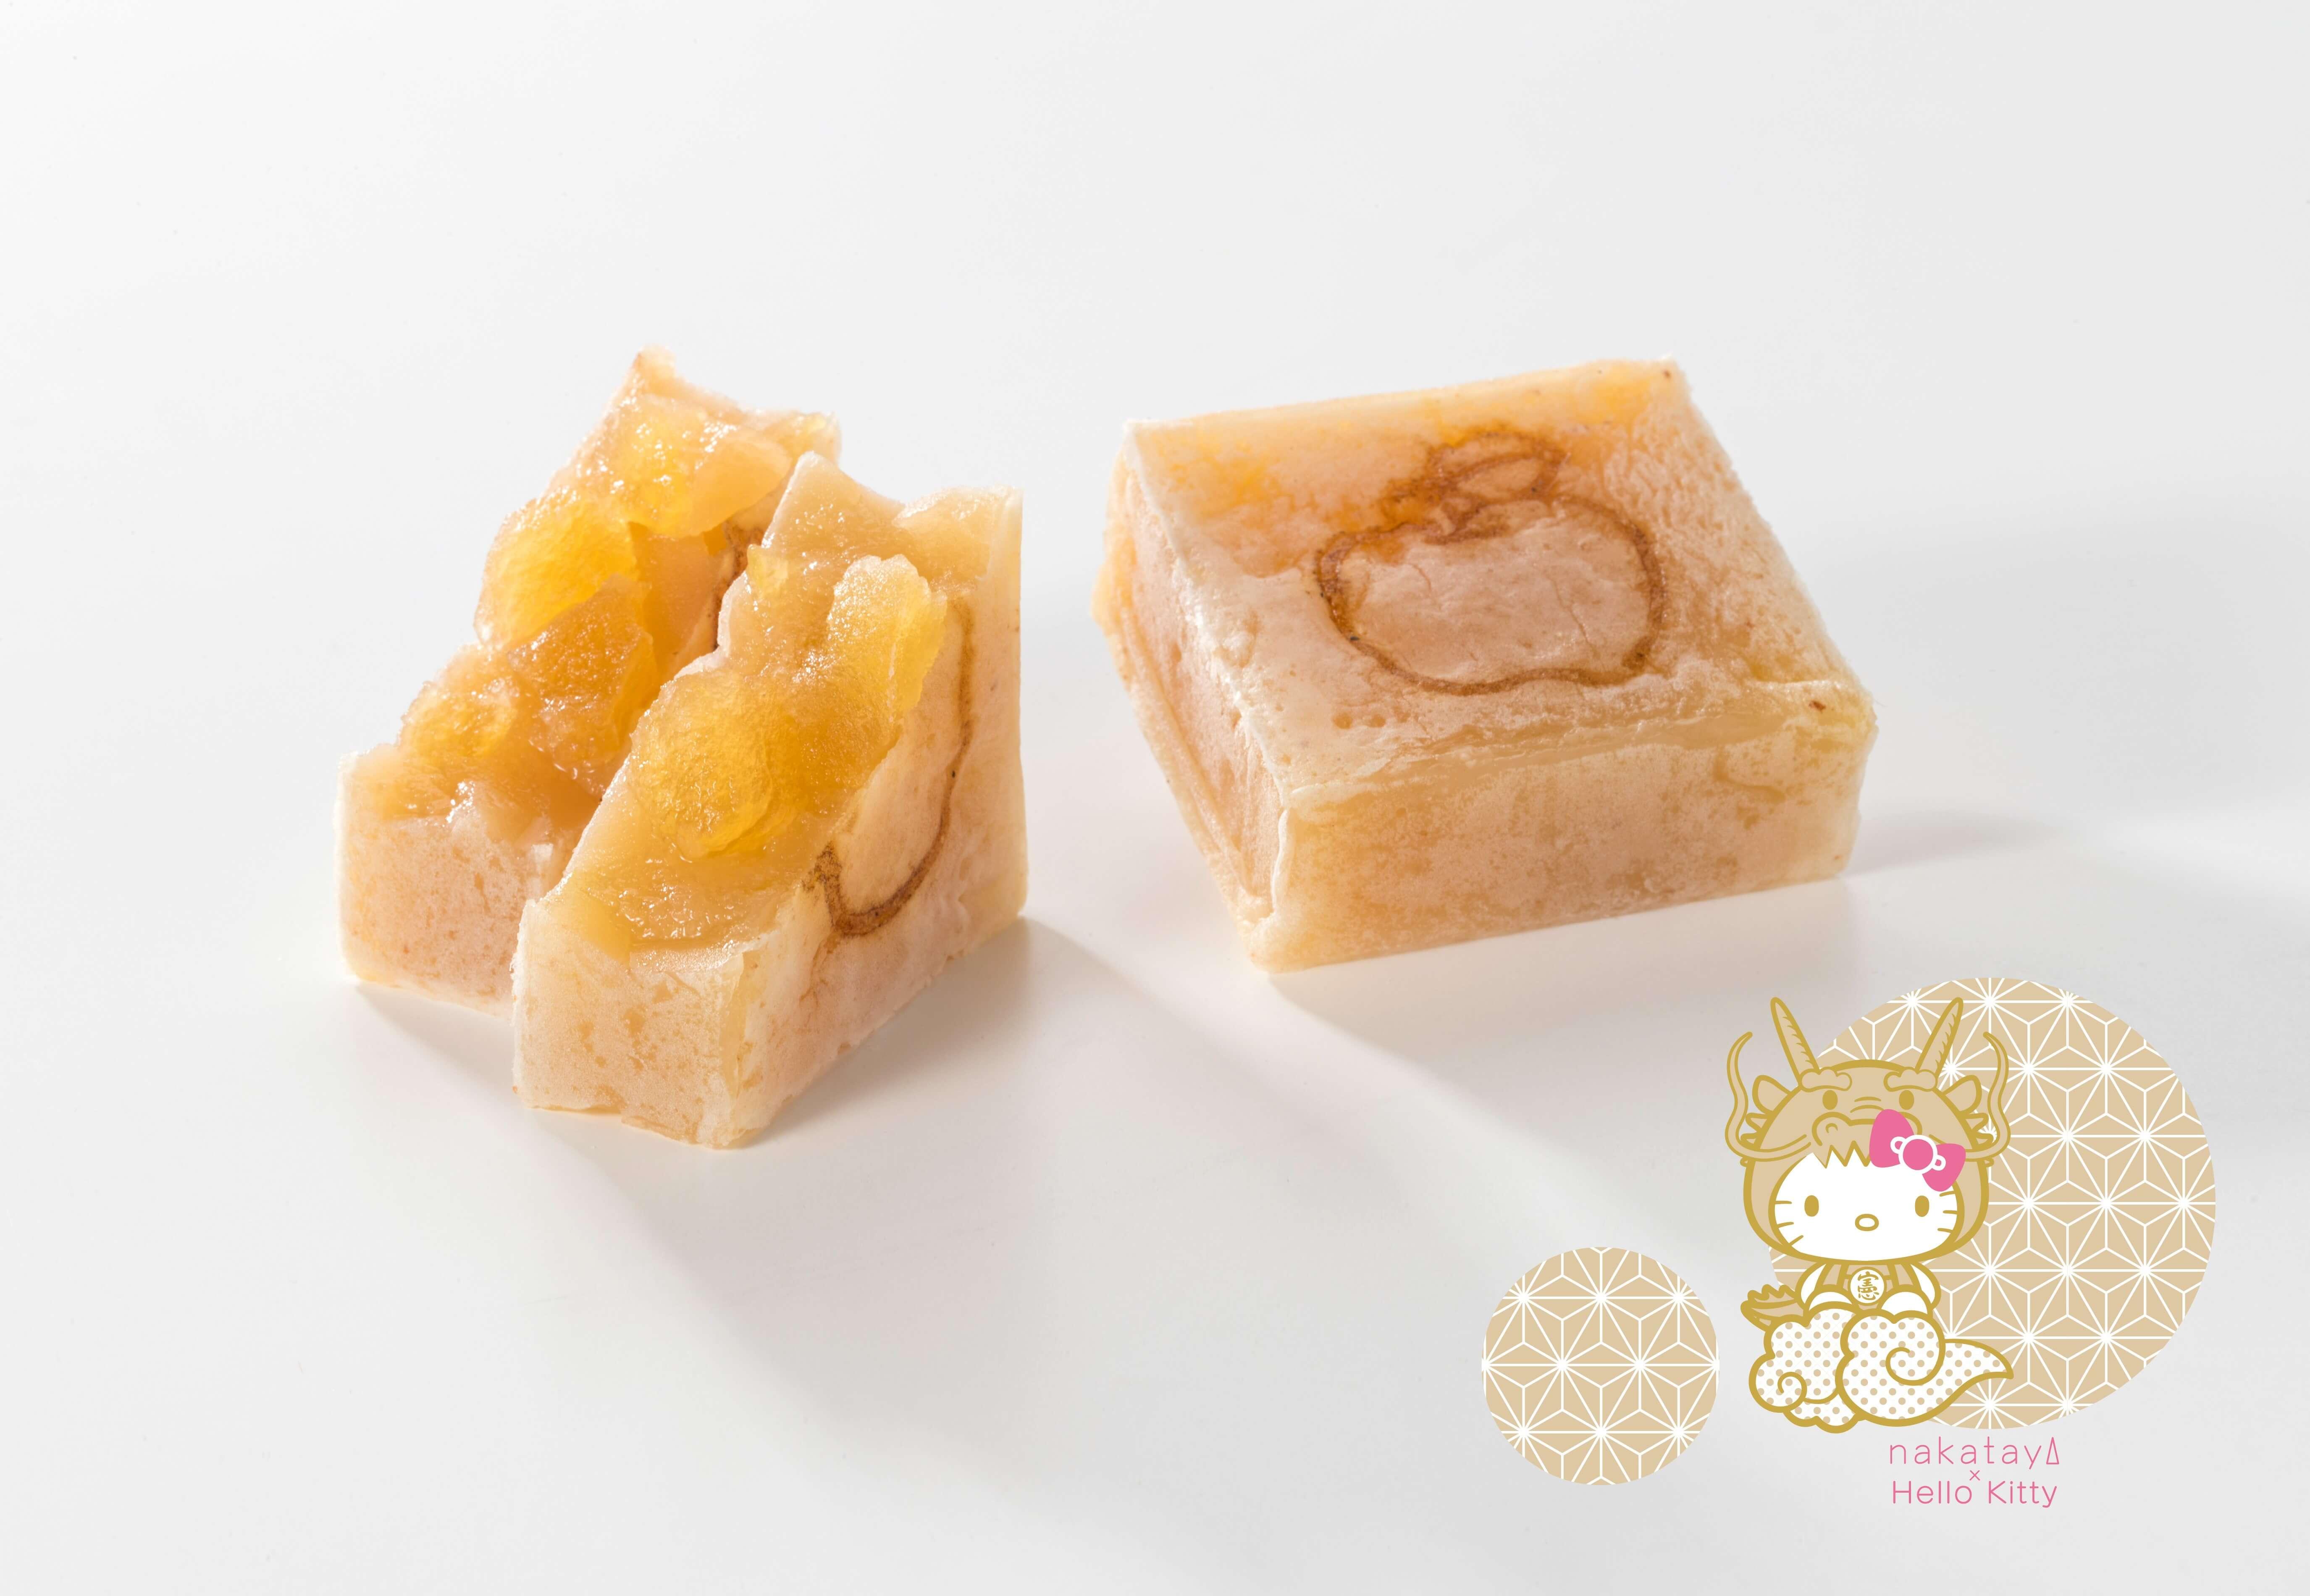 %e3%83%8f%e3%83%ad%e3%83%bc%e3%82%ad%e3%83%86%e3%82%a3-%e3%81%8d%e3%82%93%e3%81%a4%e3%81%af%e3%82%99-%e5%92%8c%e8%8f%93%e5%ad%90-hello-kitty-kintsuba-japanese-sweets-2-2